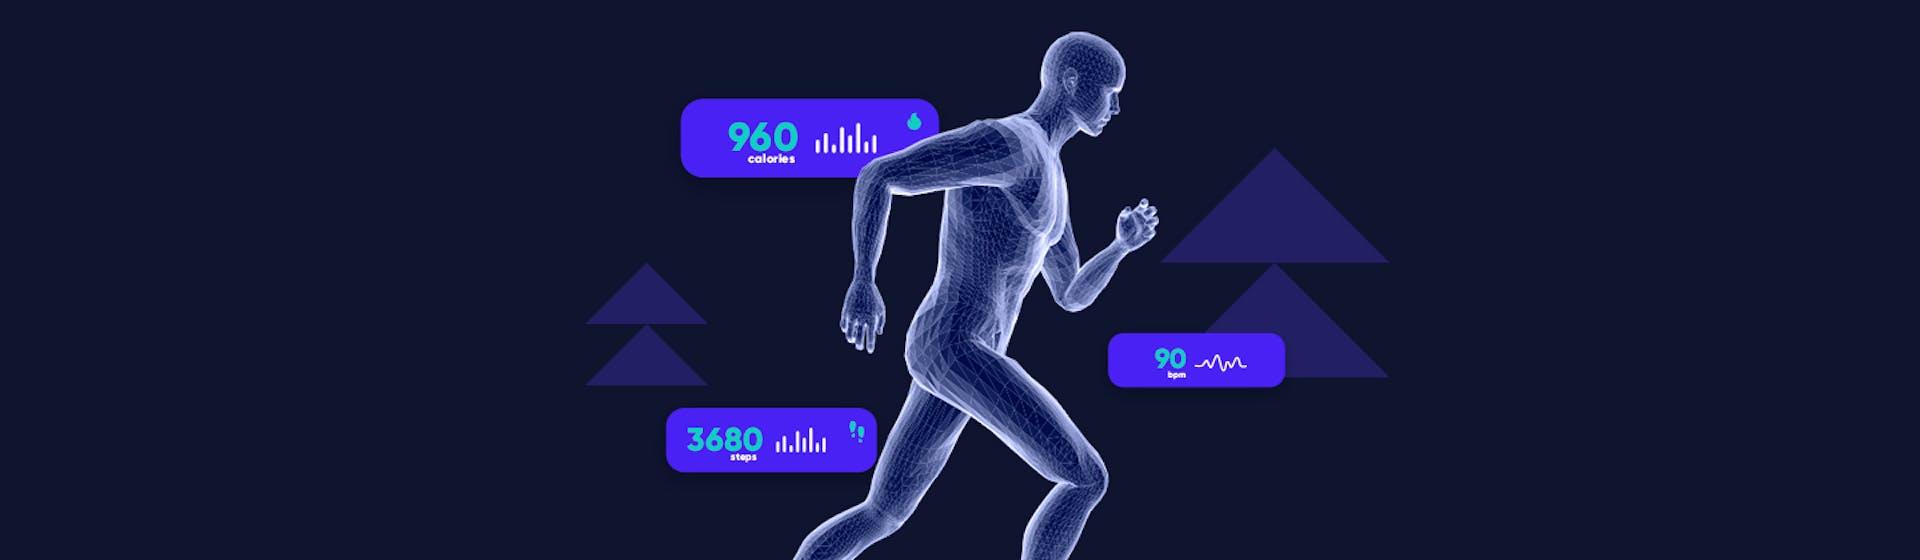 Las mejores apps para correr que todo amante del running quiere tener